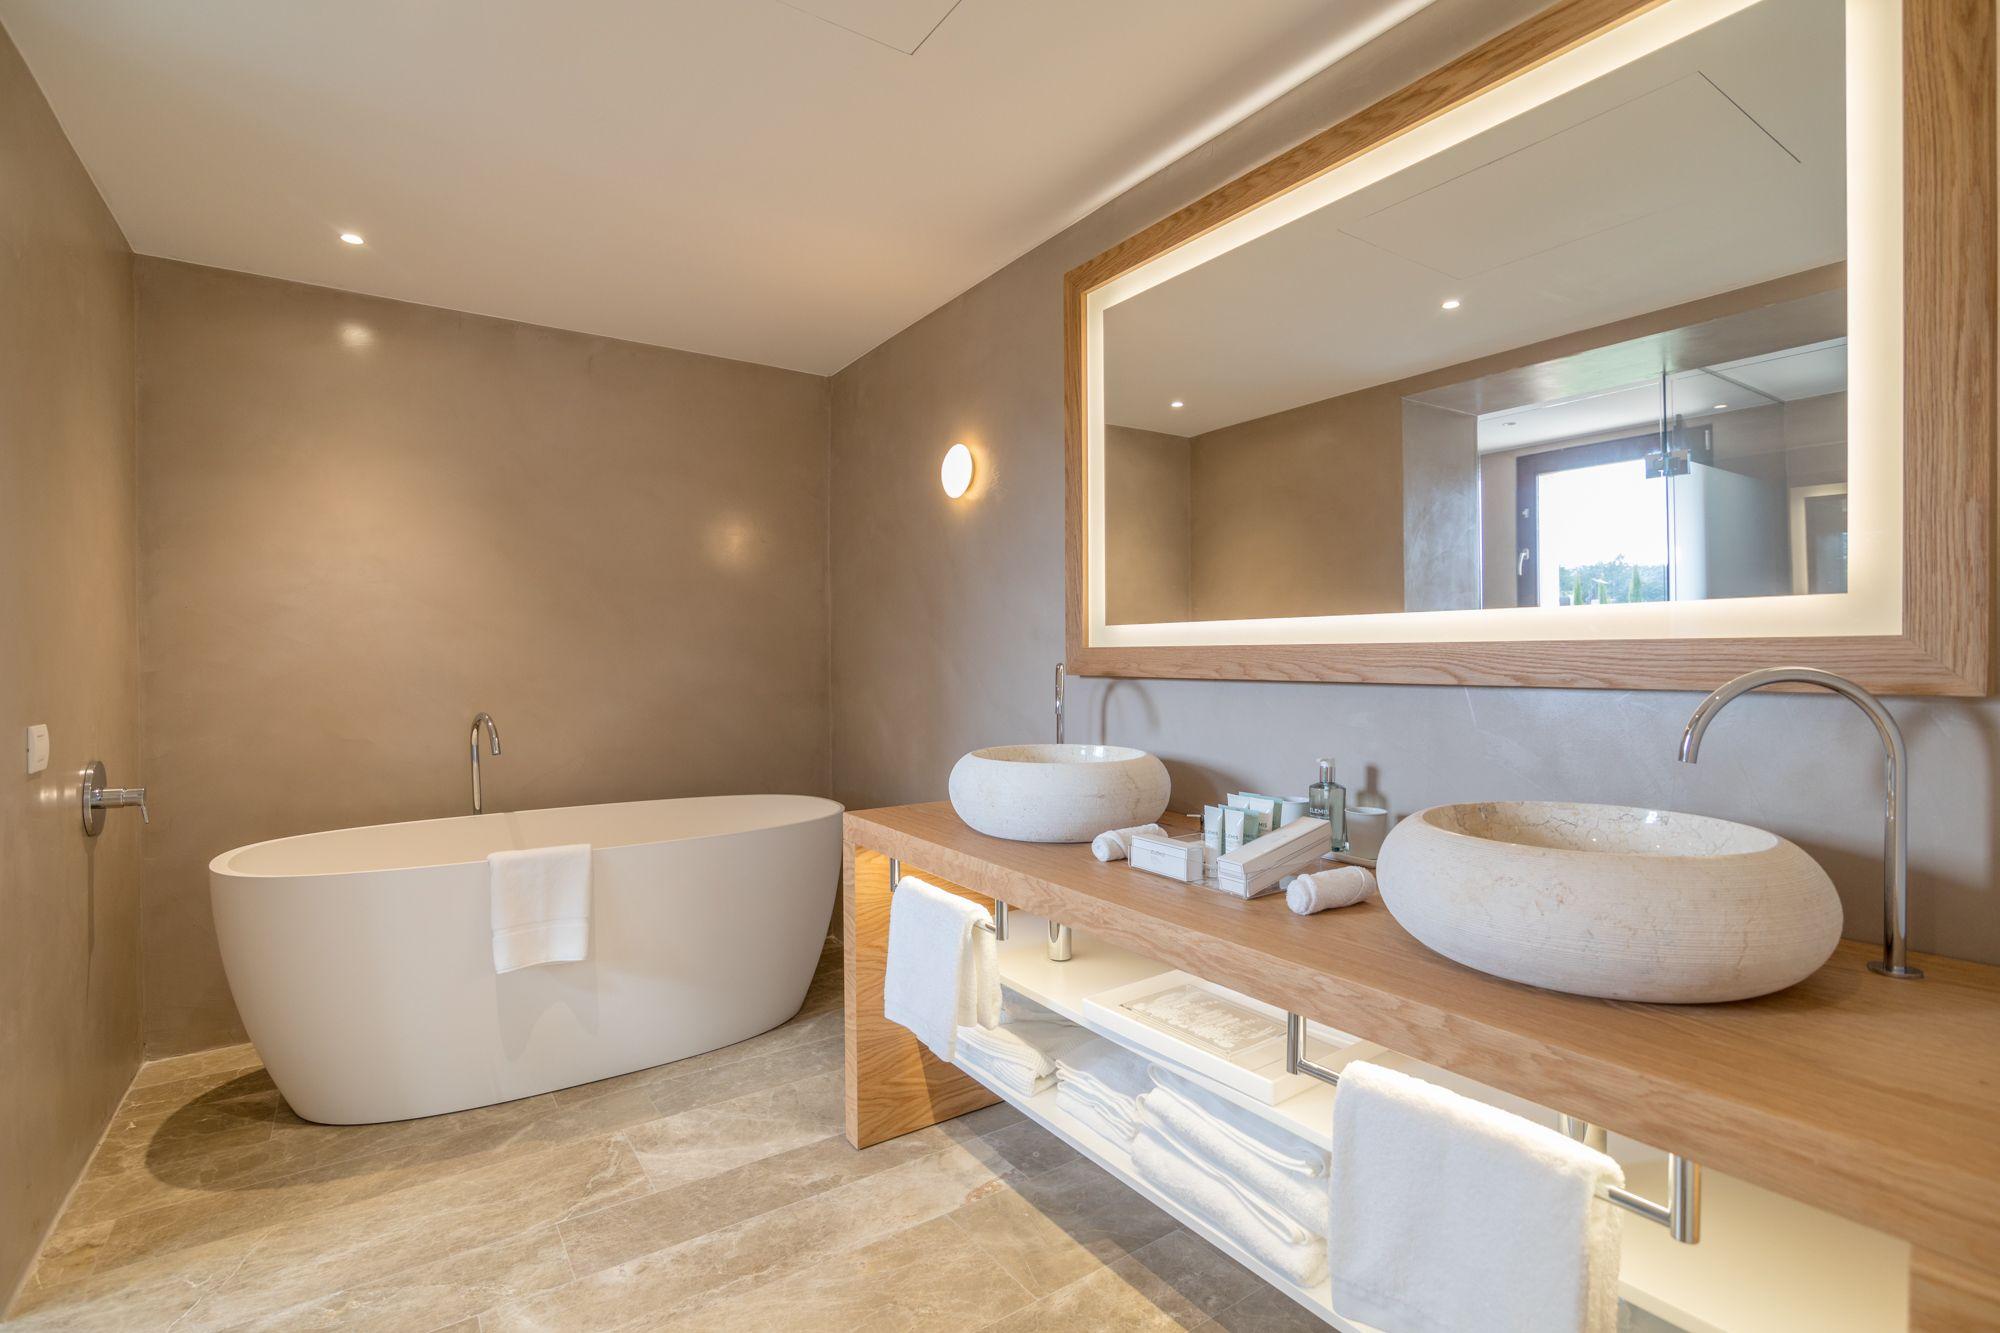 Mobiliario de baño y espejo con luces led. | Espejo con ...